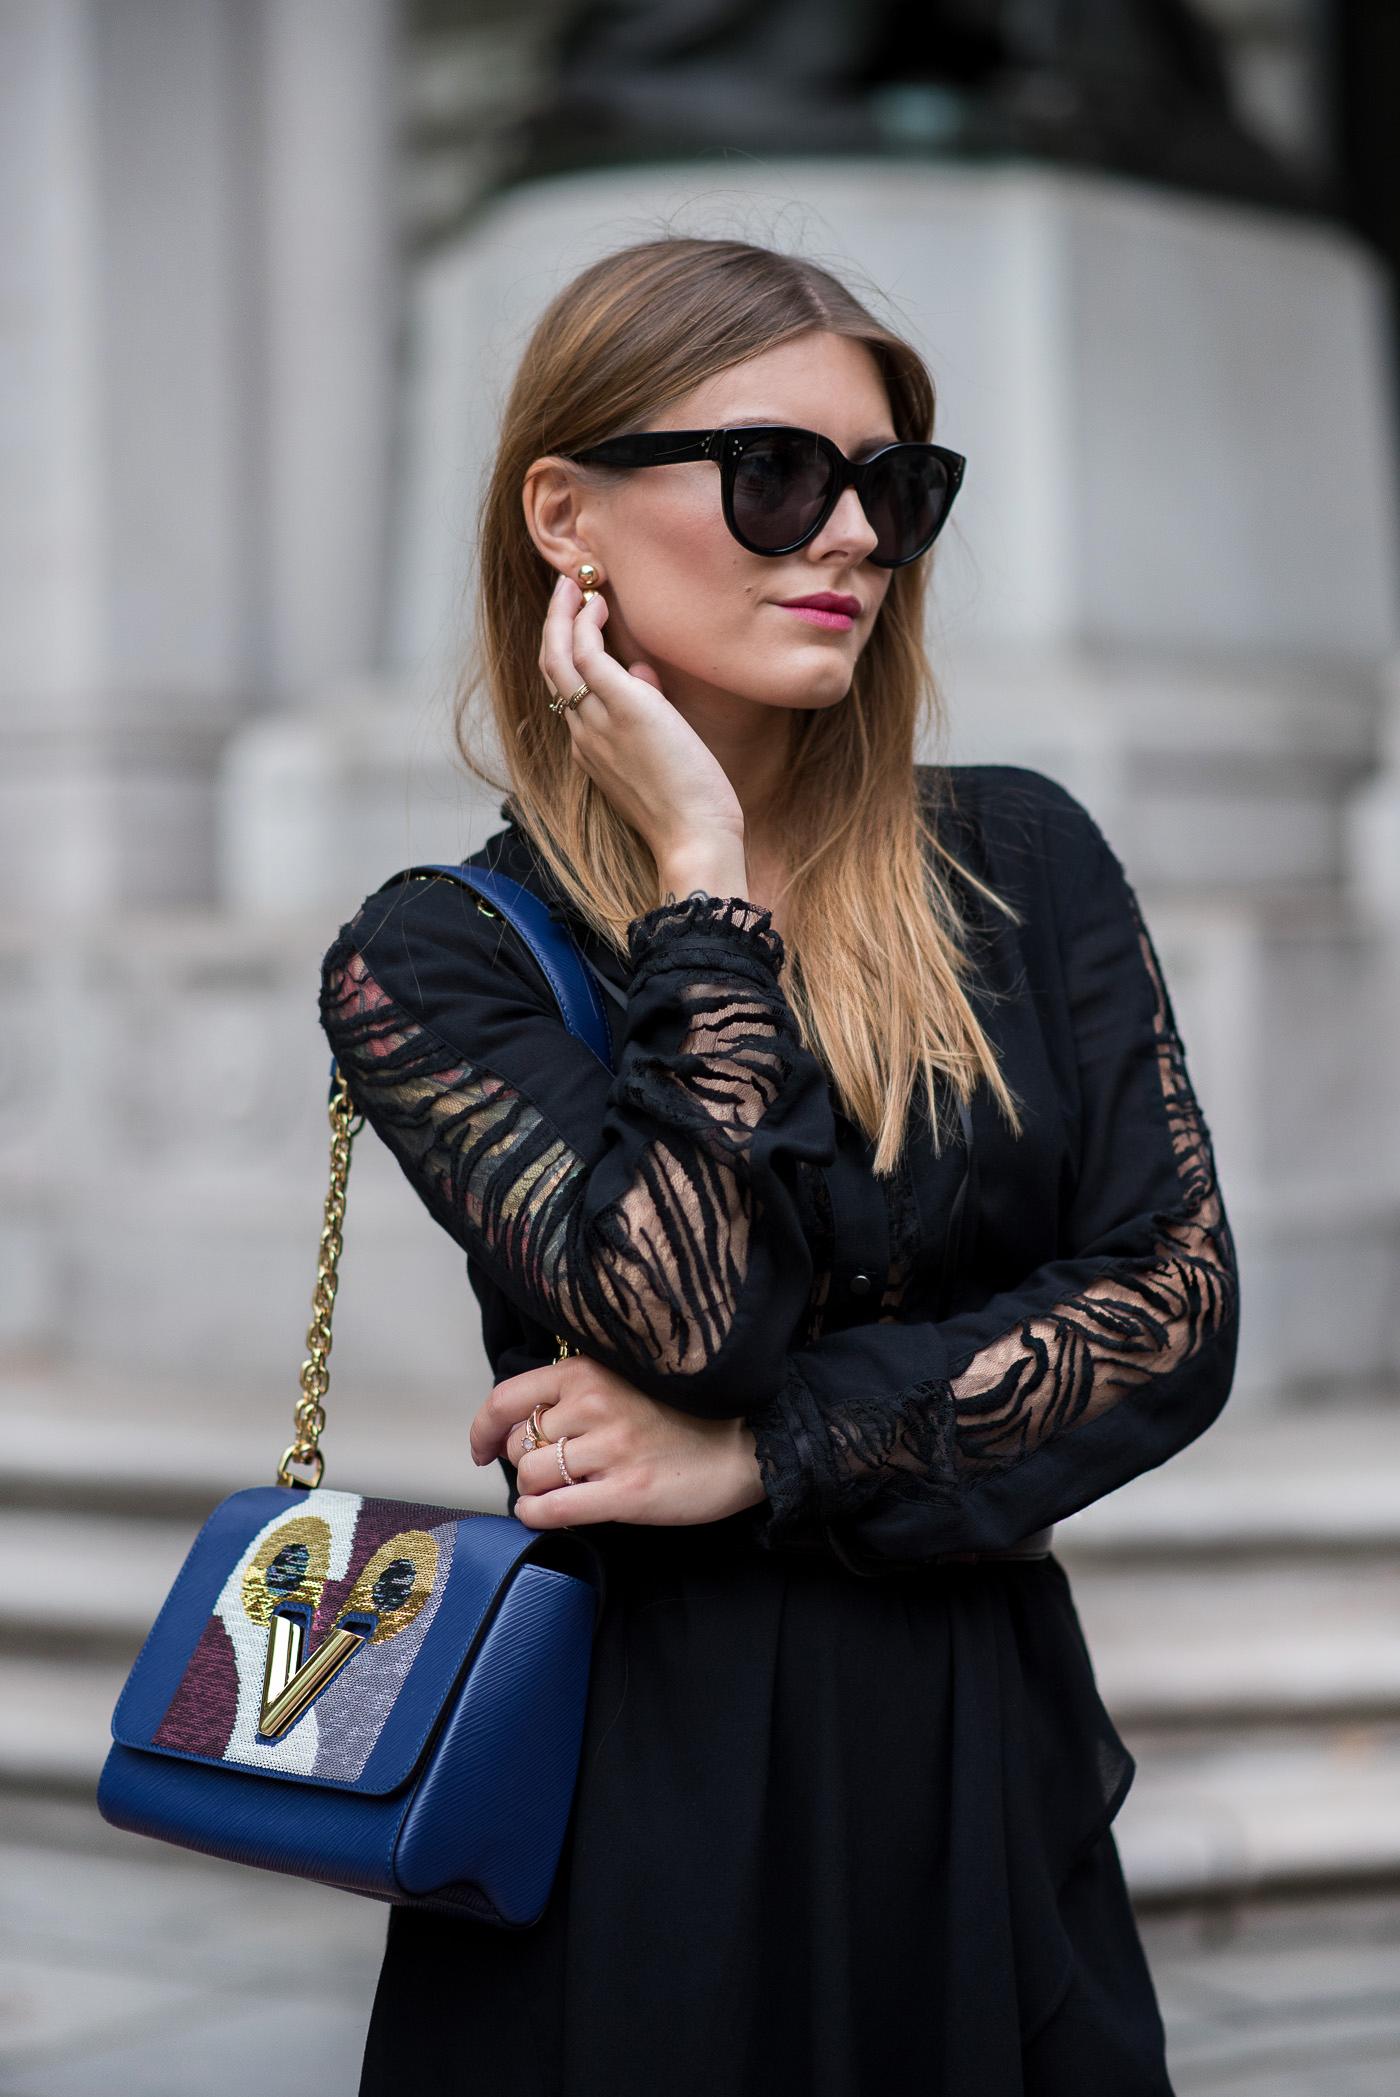 Little_Black_Dress_Lala_Berlin_Louis_Vuitton_Gucci_6